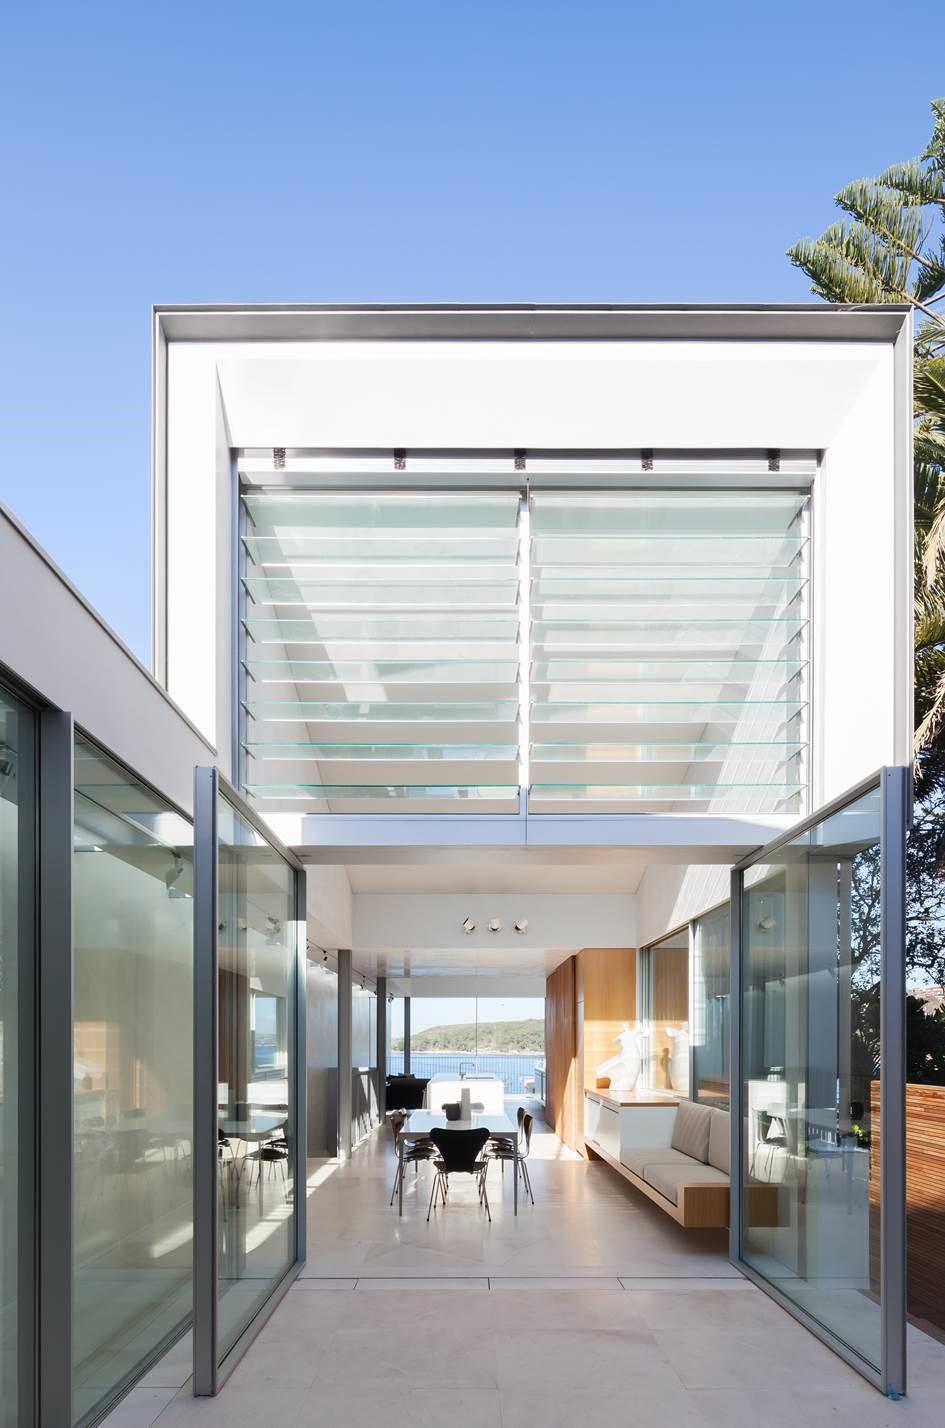 5 Fairlight - Marston Architects - Katherine Lu Photographer.jpg